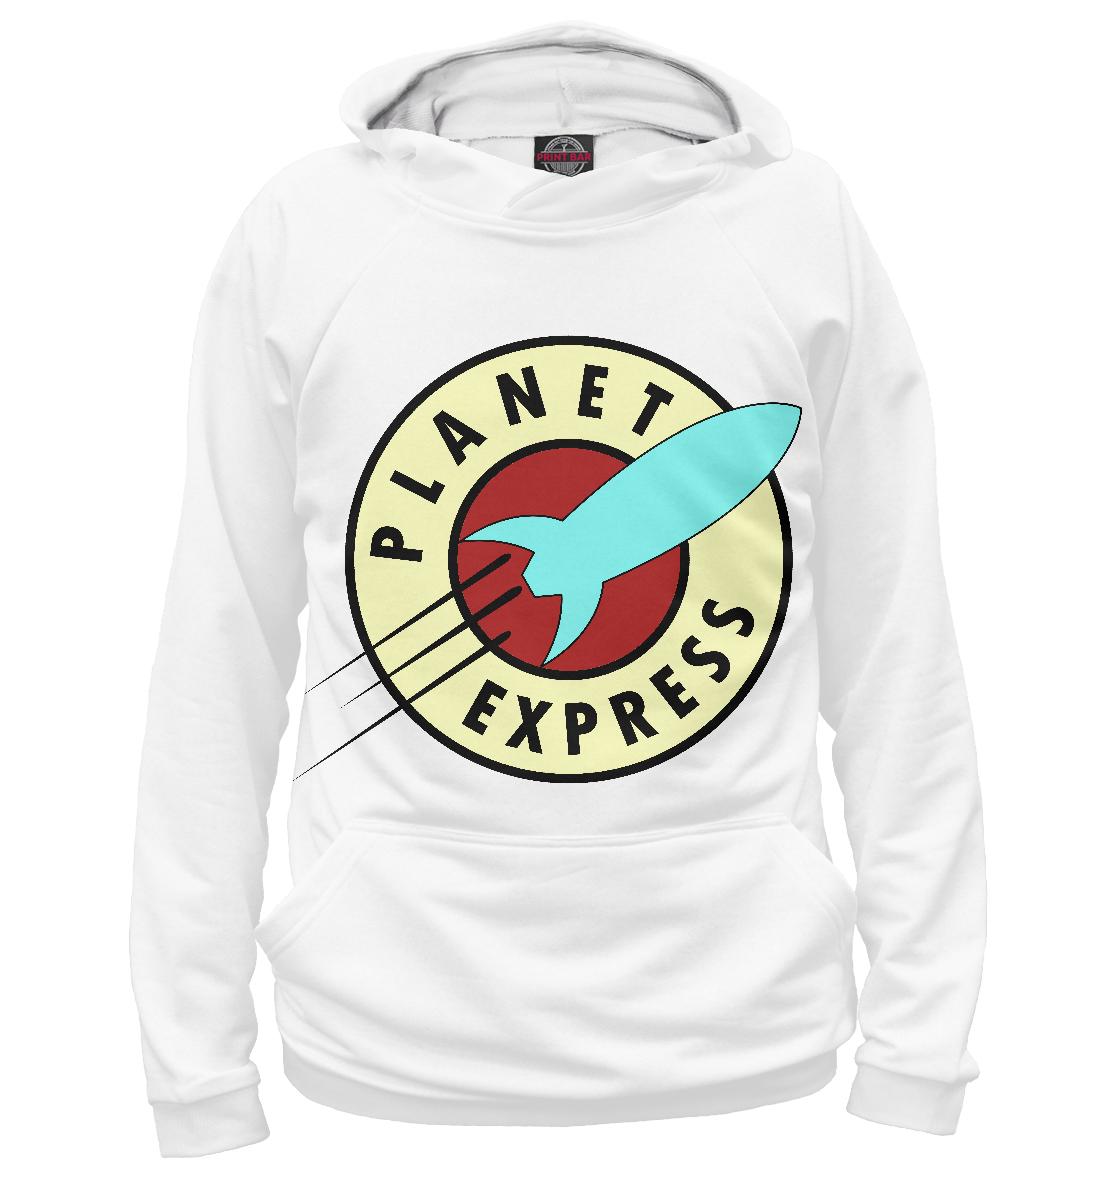 Купить Planet Express, Printbar, Худи, FUT-420638-hud-1